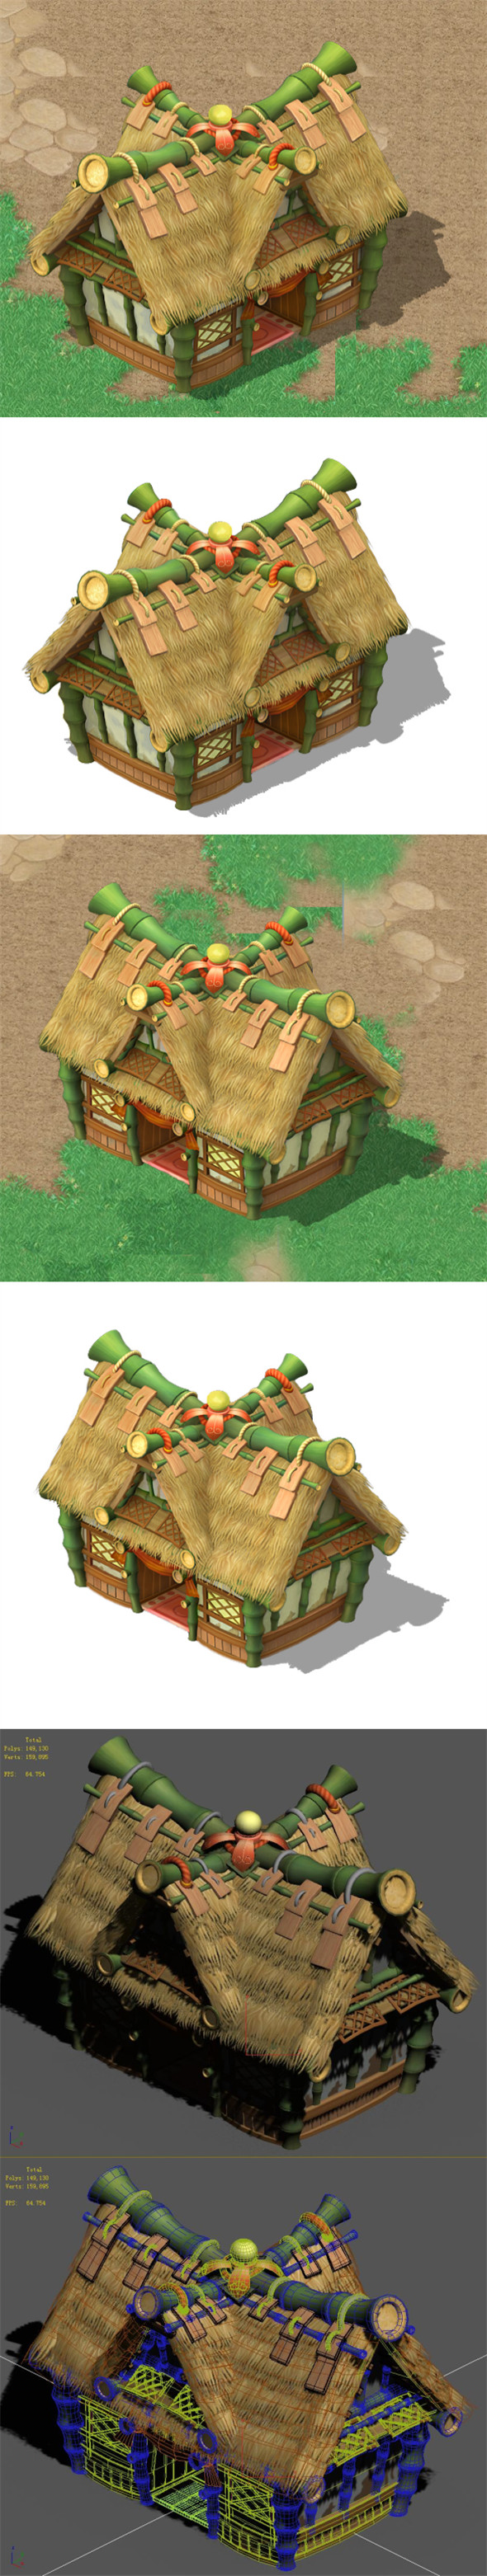 Cartoon World - House 01 - 3DOcean Item for Sale